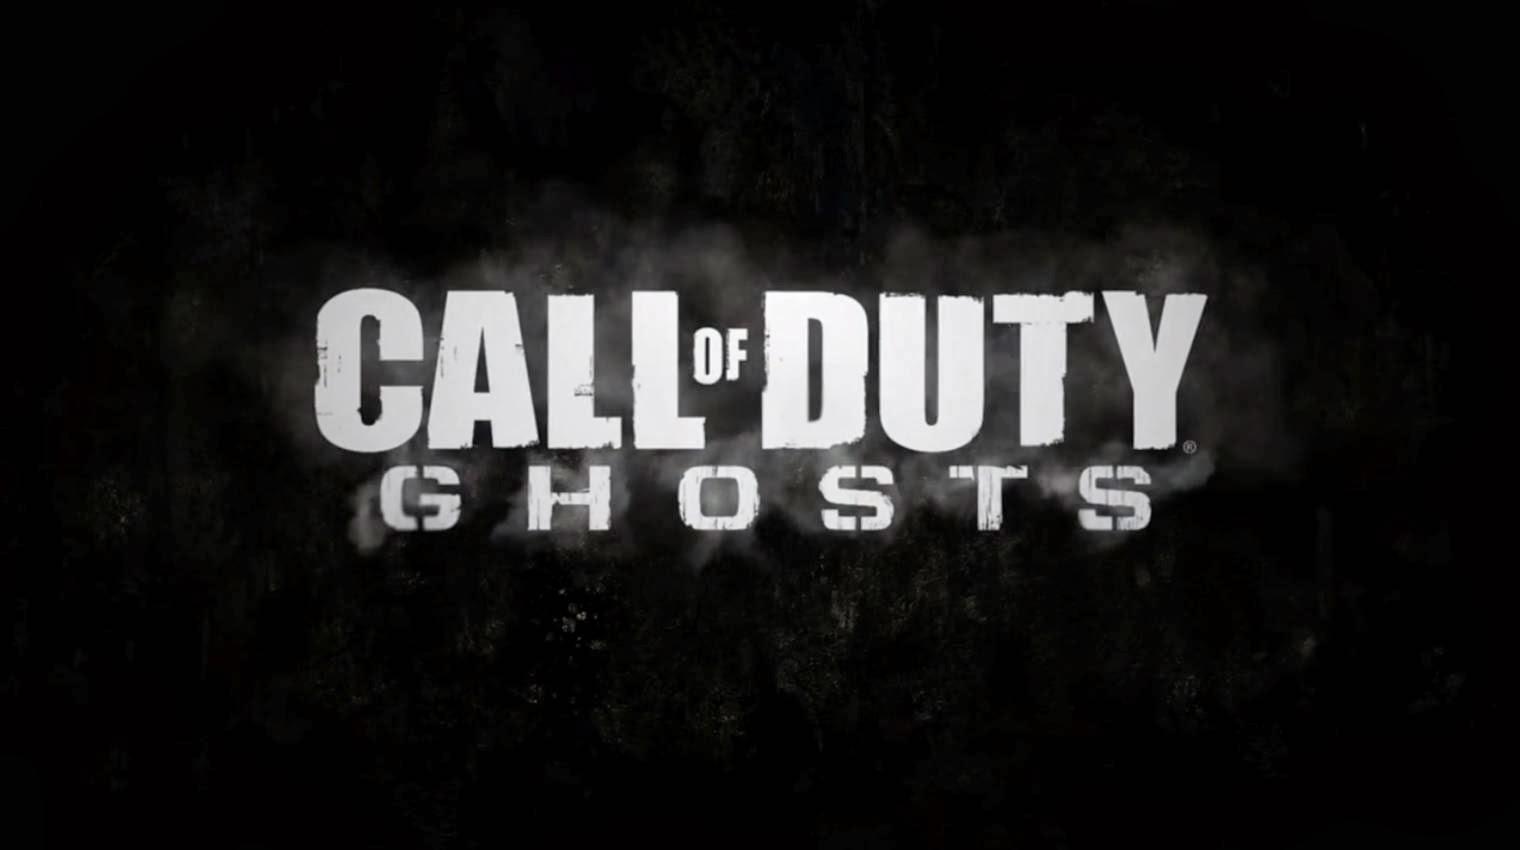 Call of Duty Ghost: Review - 2wenty4se7en